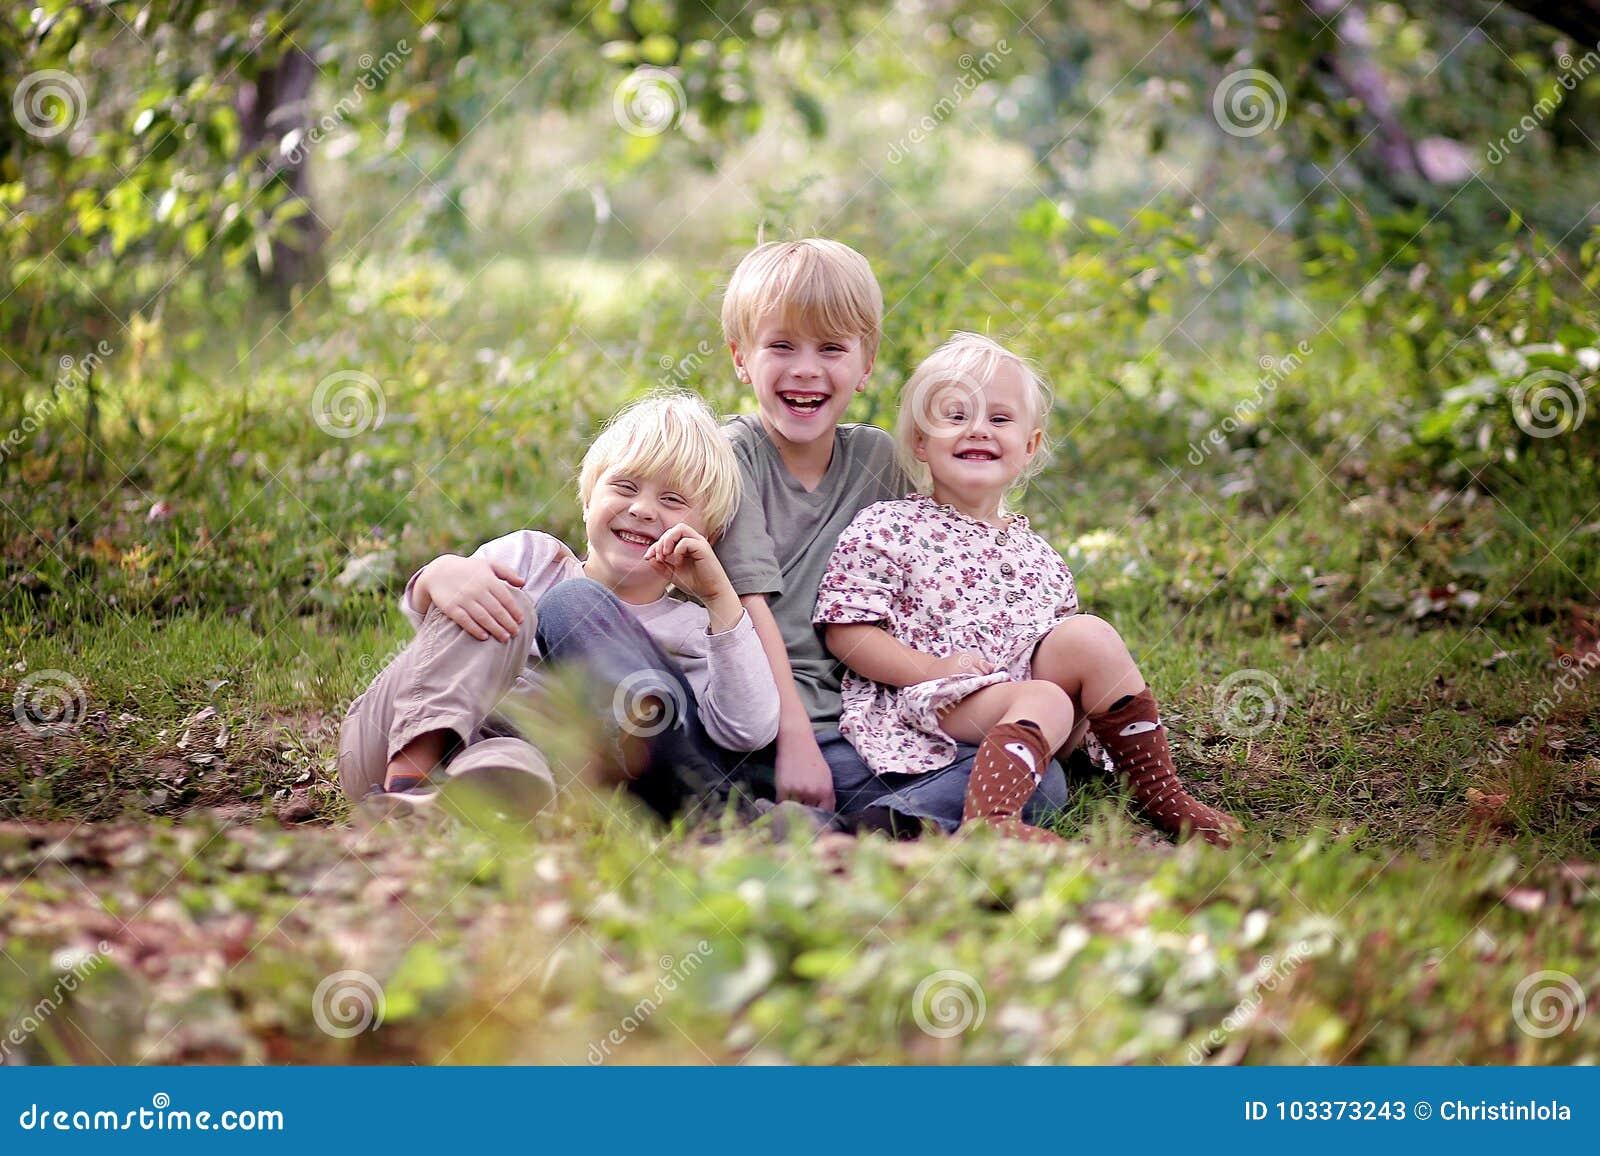 Drei glückliche Kleinkinder, die draußen lachen